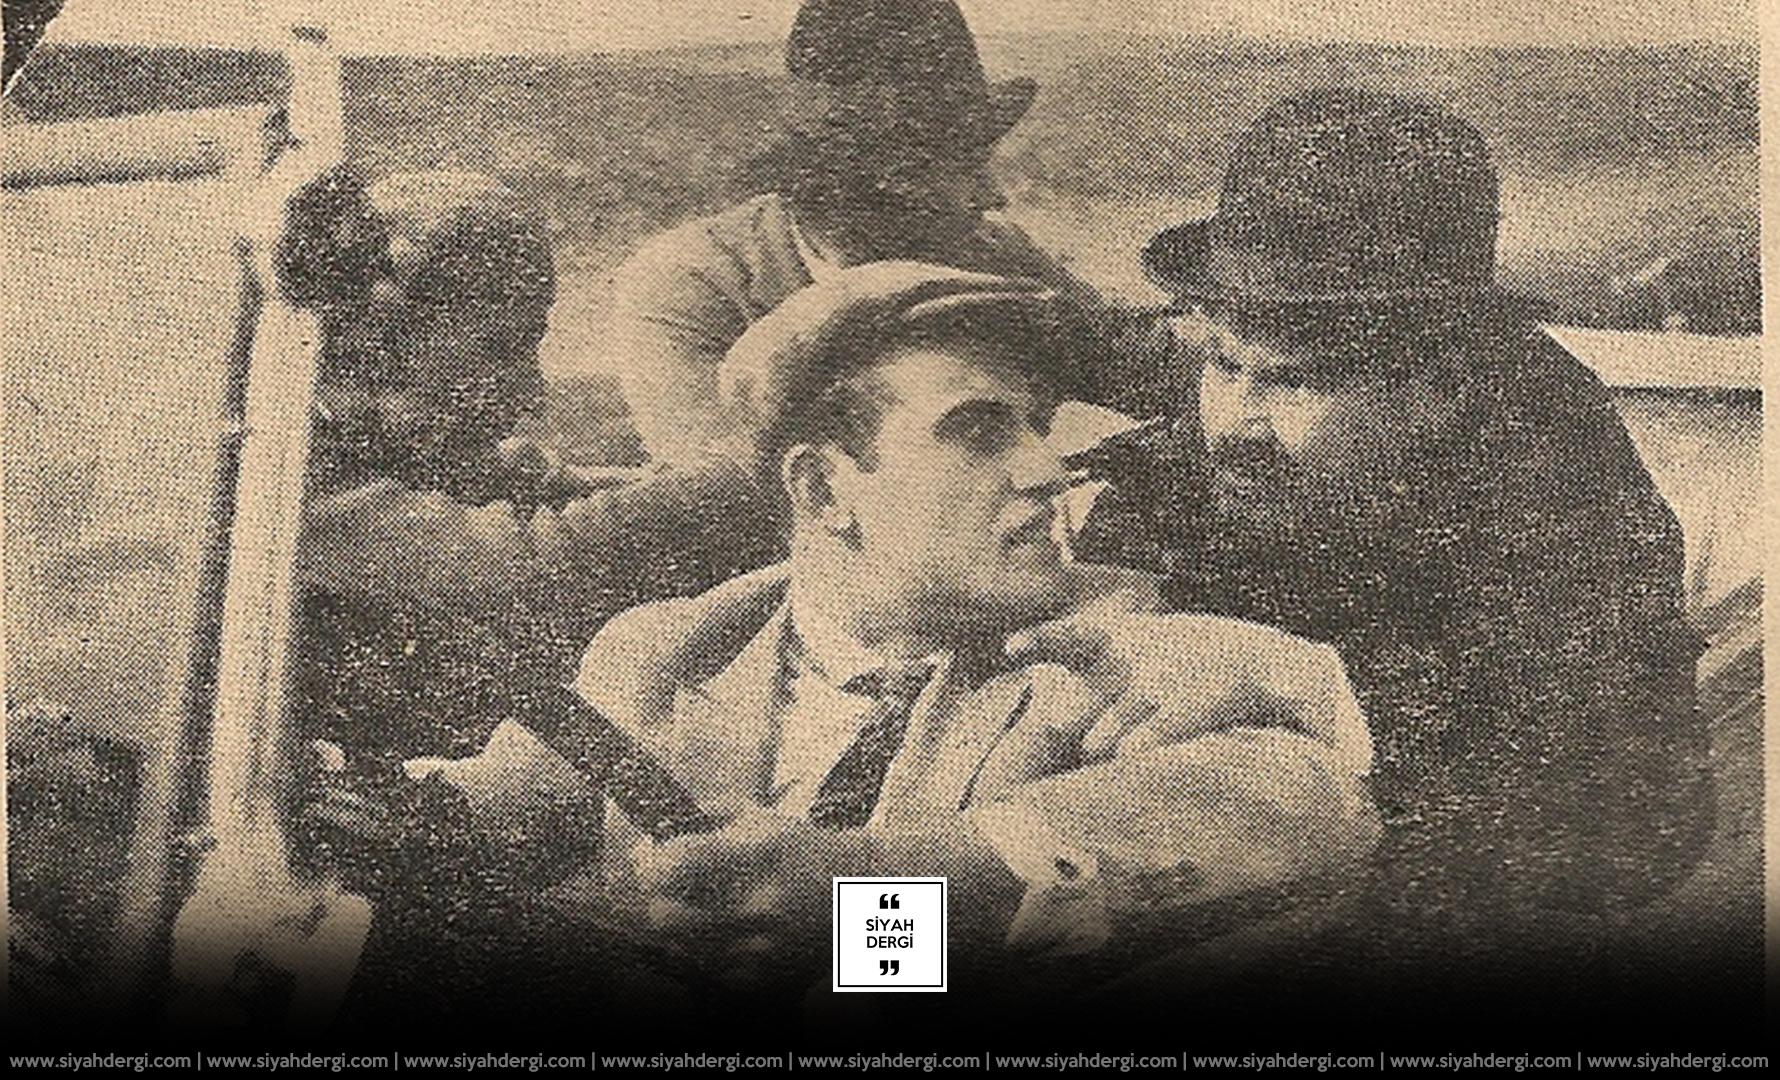 Bir Filmin Hikâyesi: Kaçakçılar